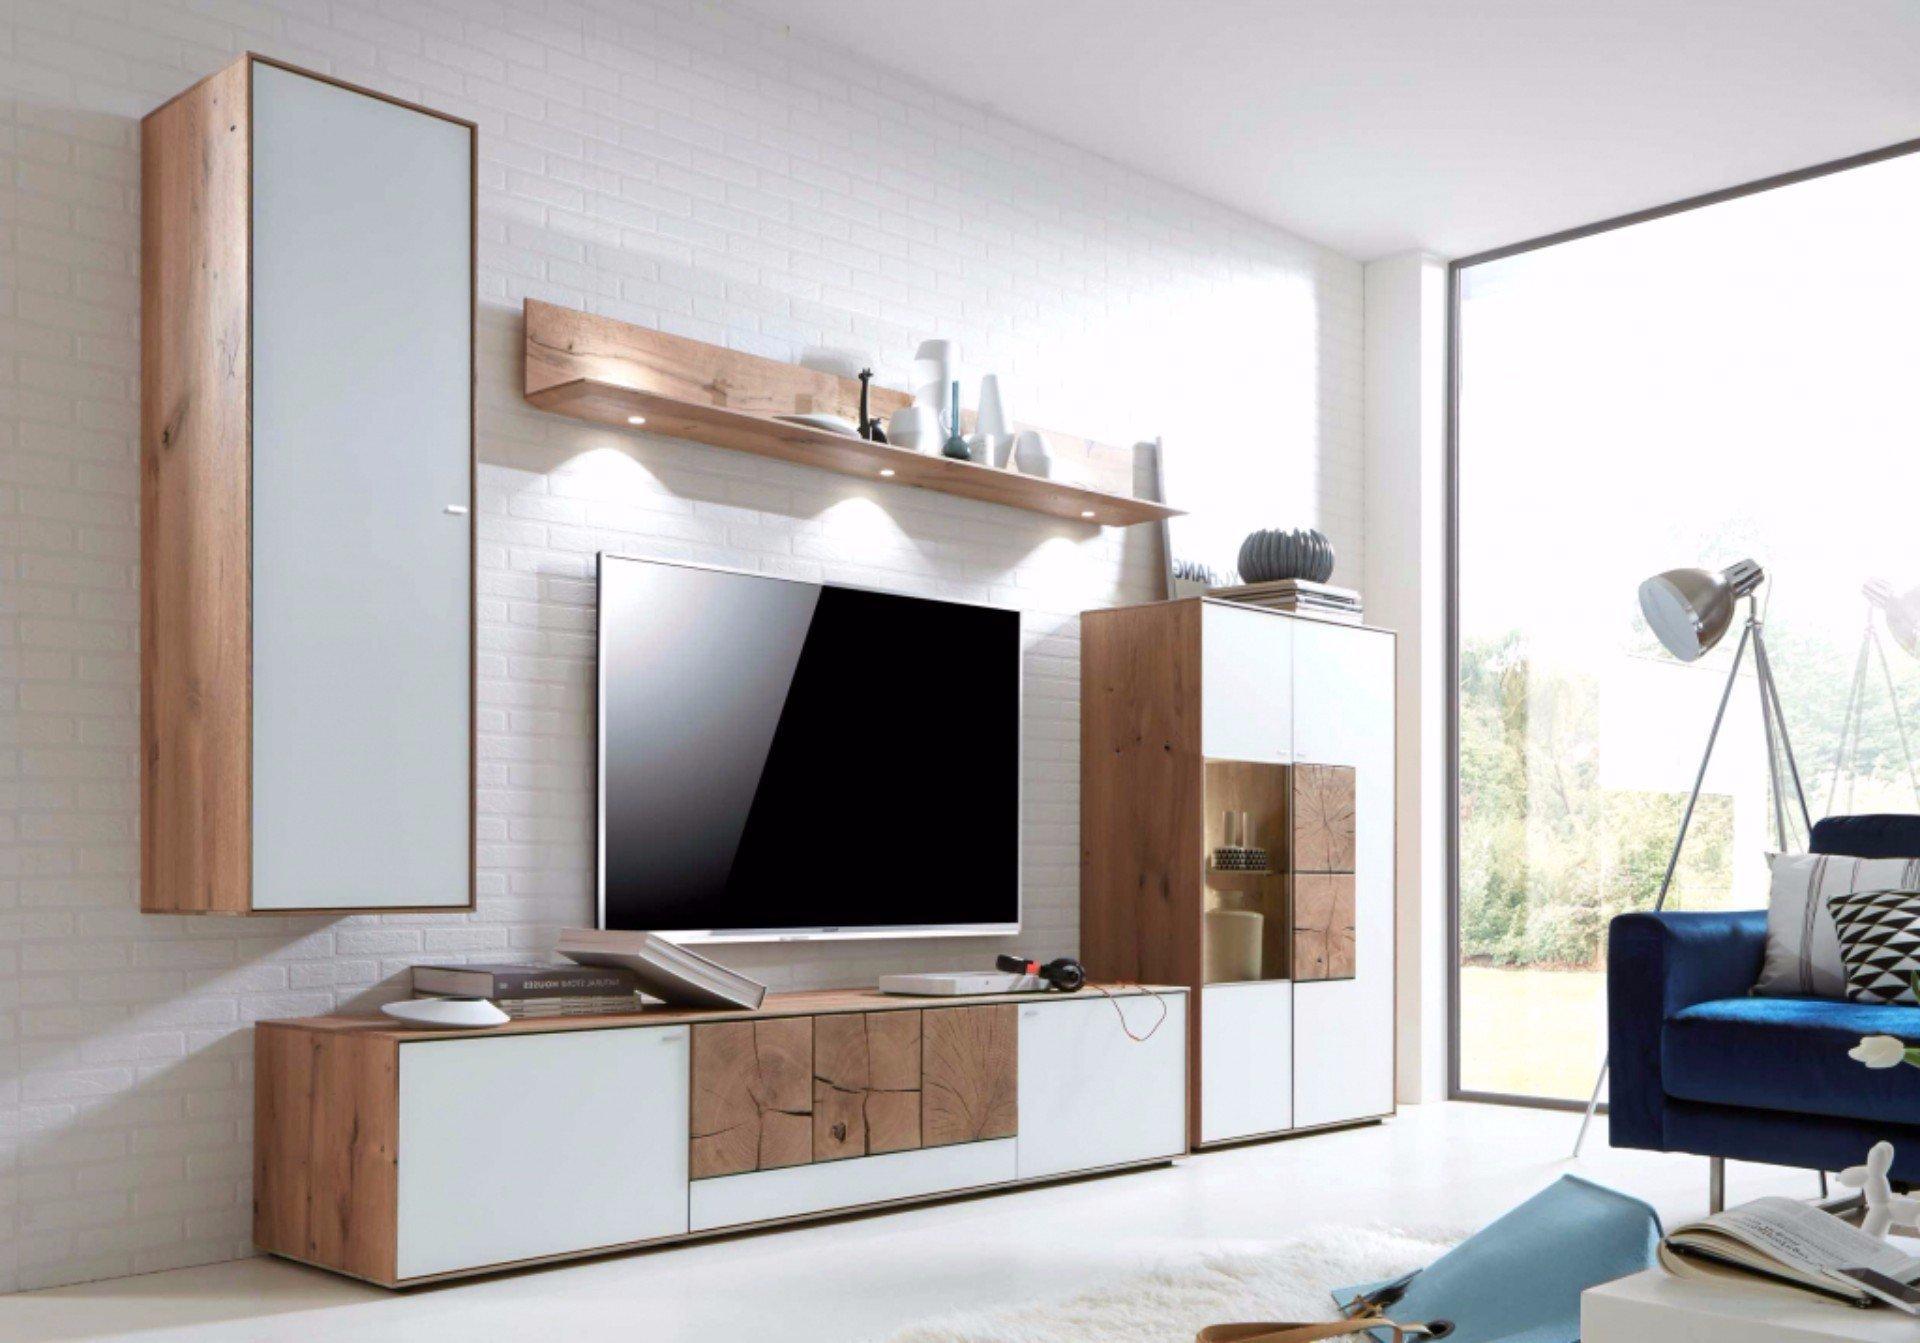 Paroi de salon hartmann caya meubles bise - Glasbilder xxl wohnzimmer ...